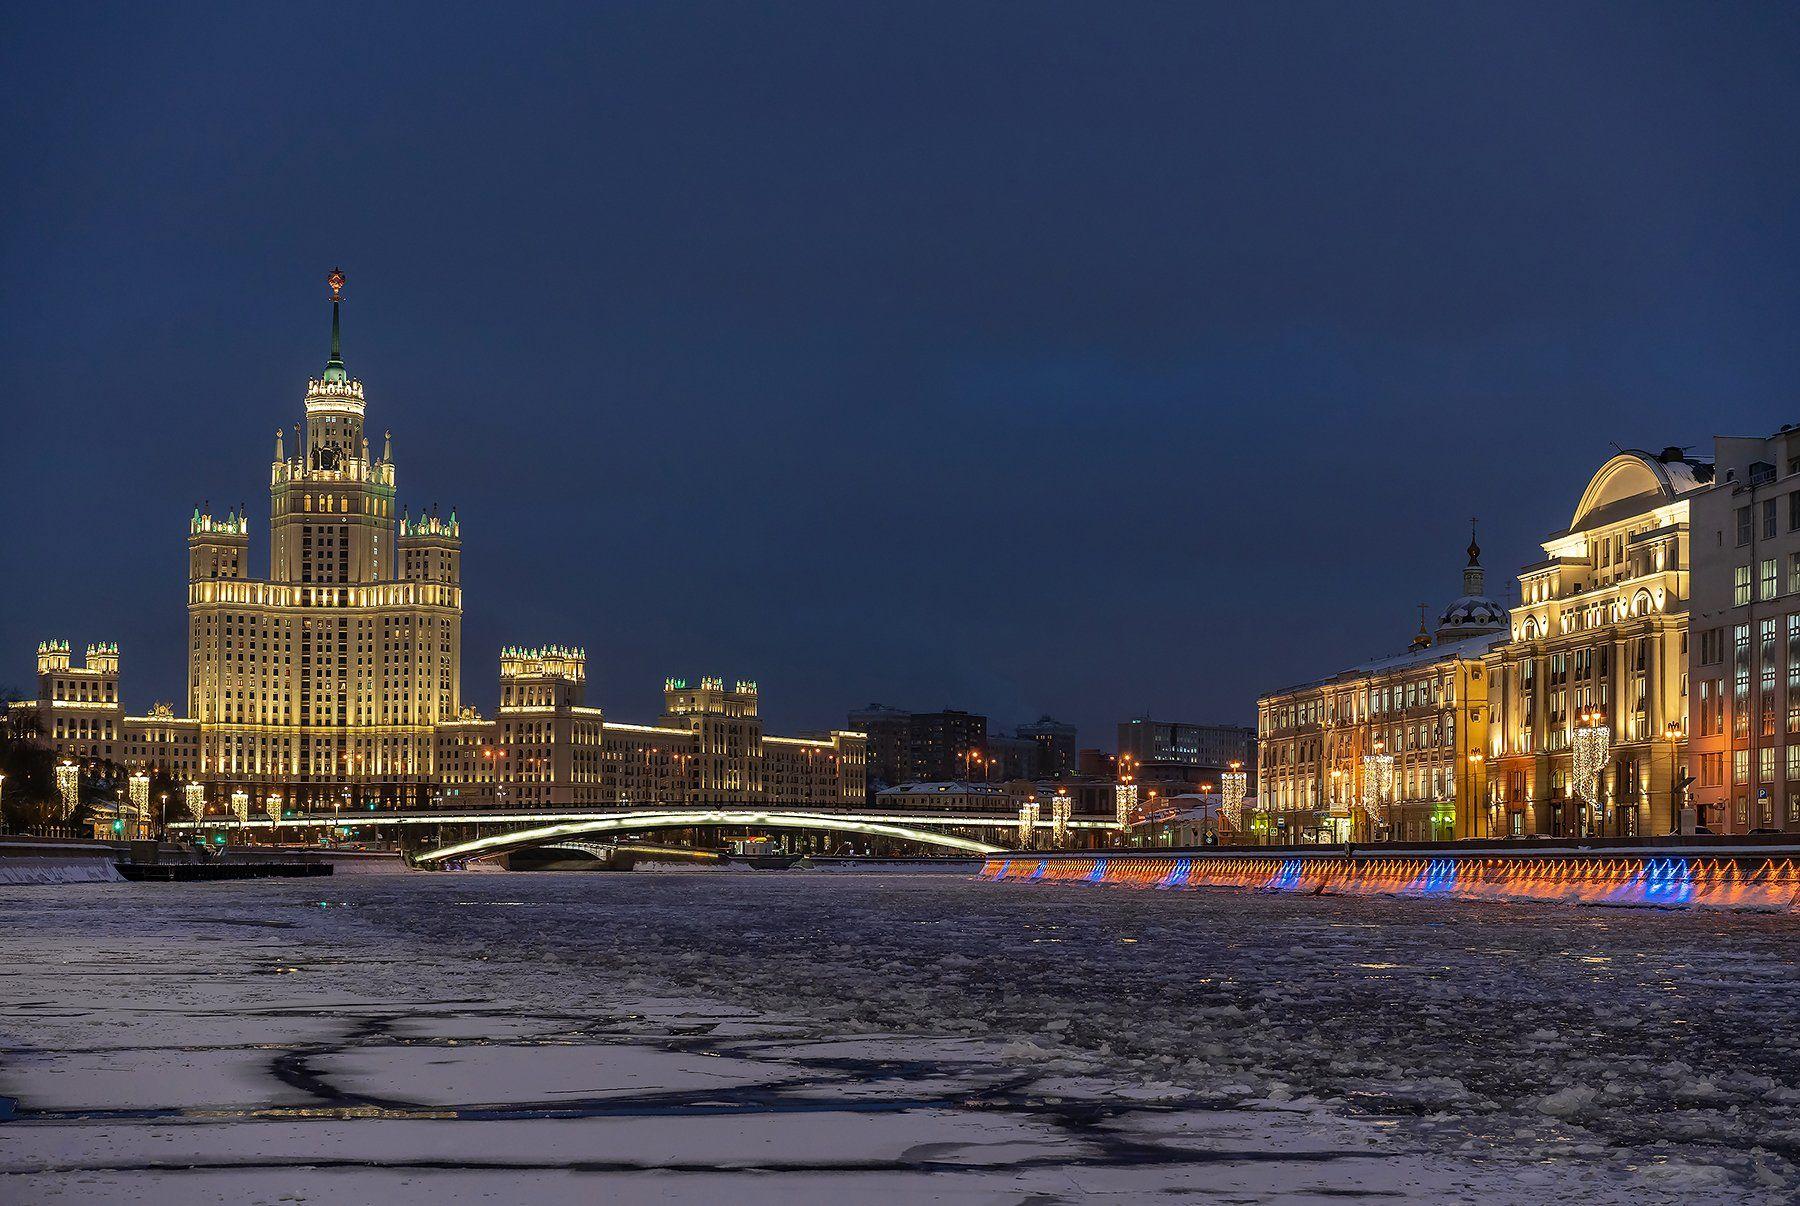 река, город, архитектура, вечер, огни, башня, вода, зима, городской пейзаж, Olga ЯR